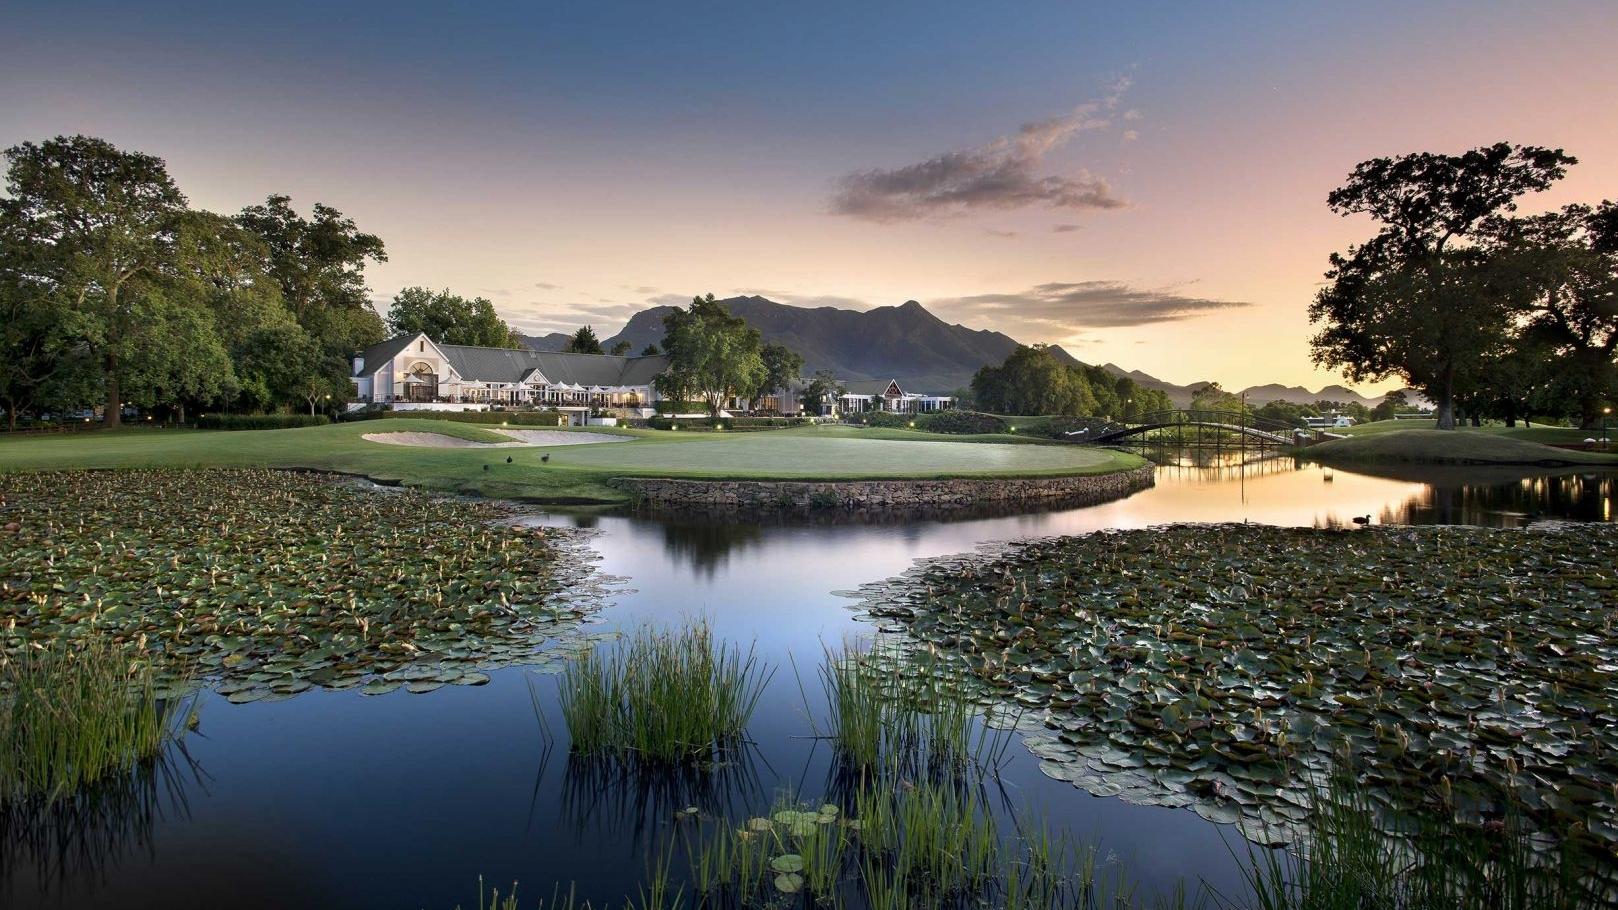 Fancourt Golf Course Montagu Zuid-Afrika Overview